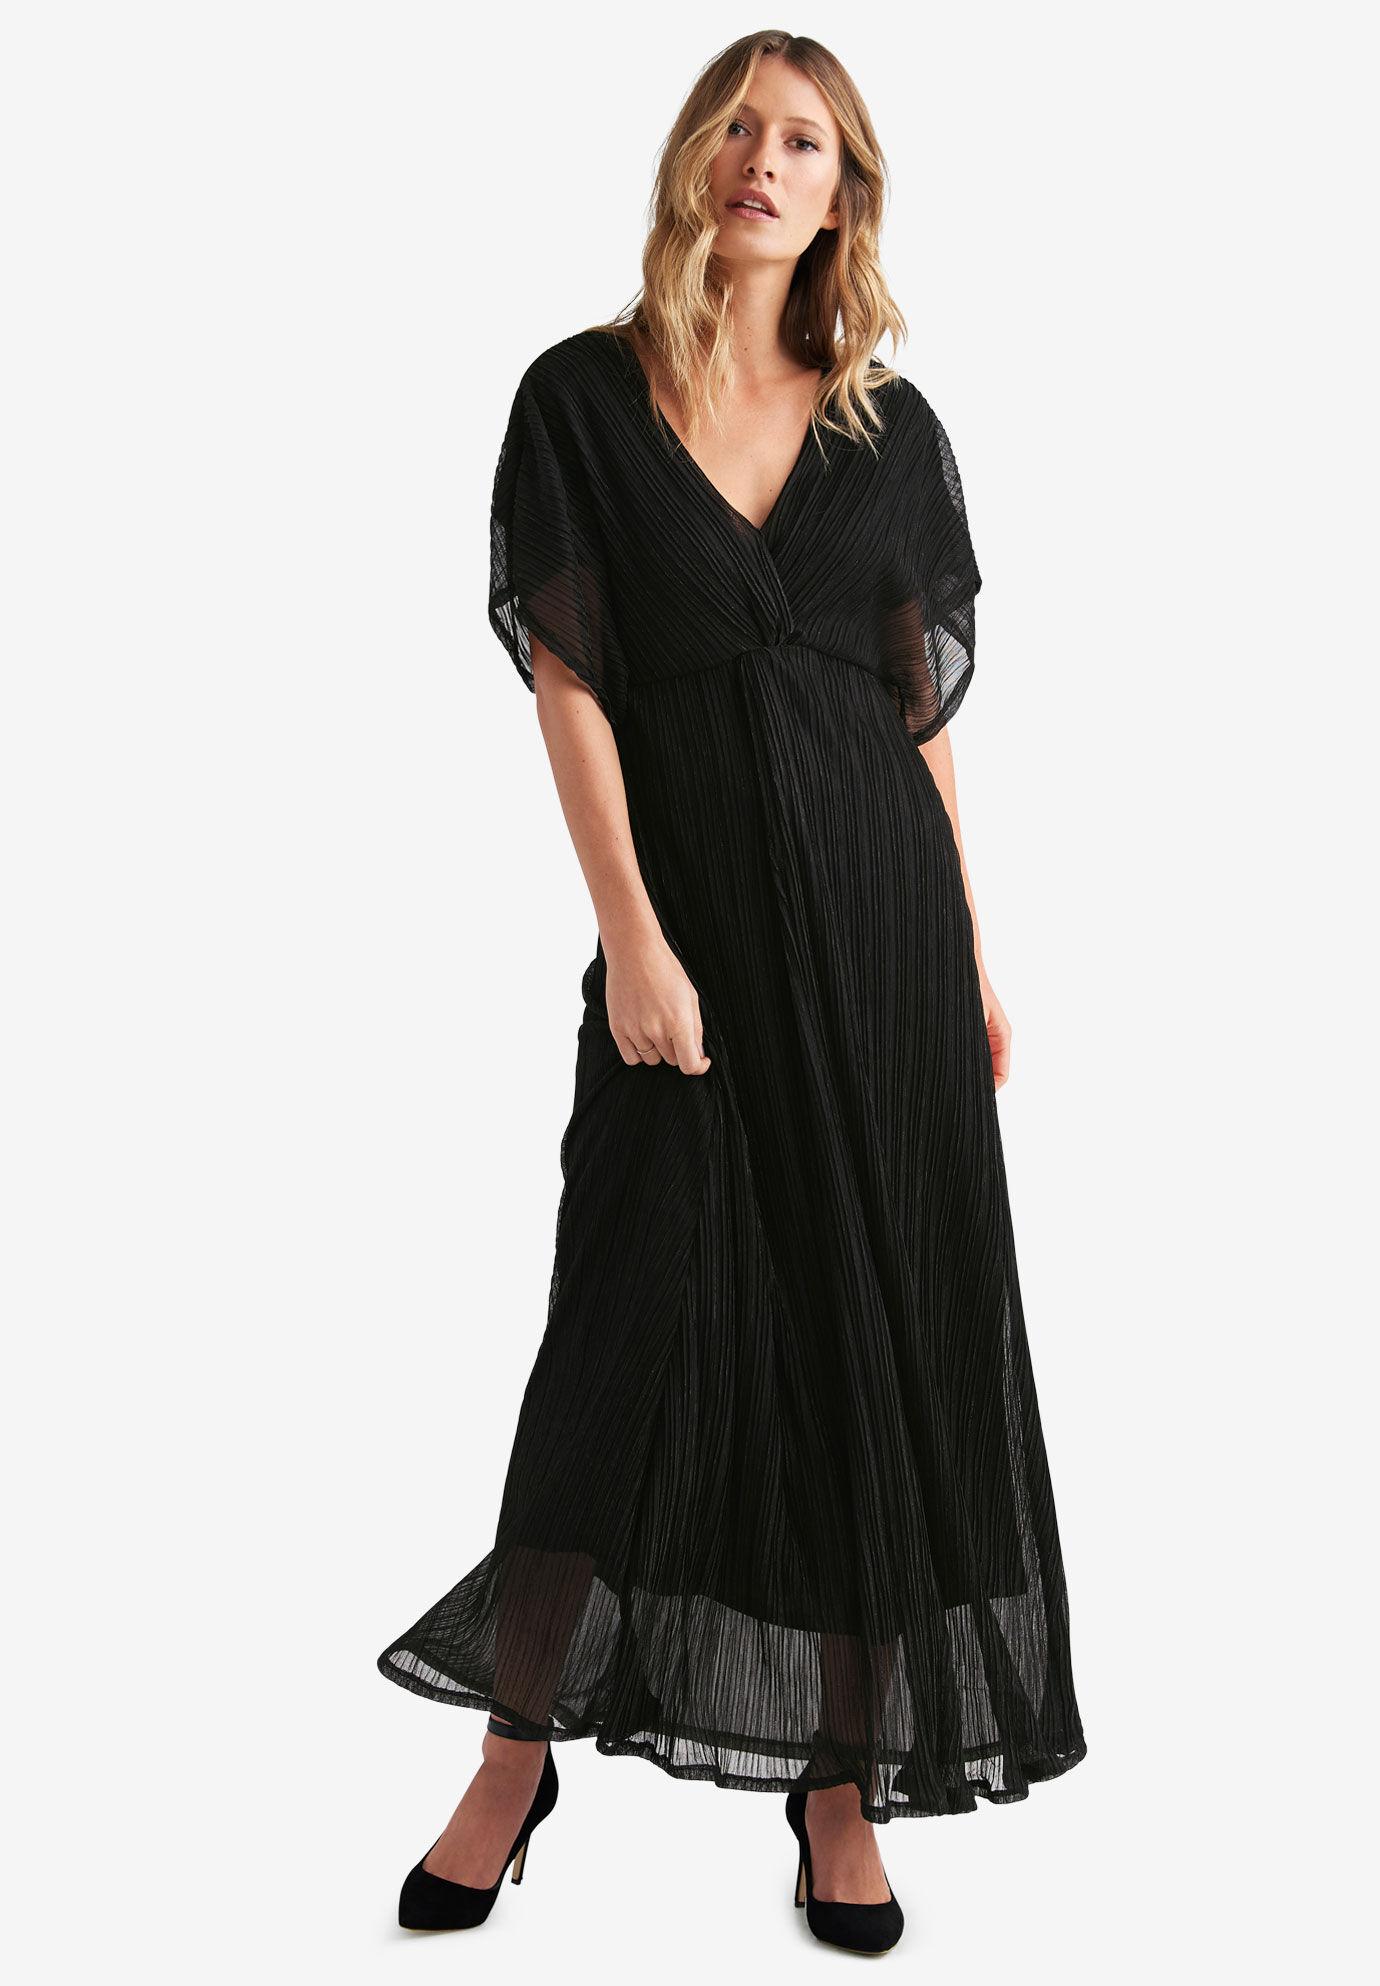 Taupe Chevron Maxi Dress Plus Size